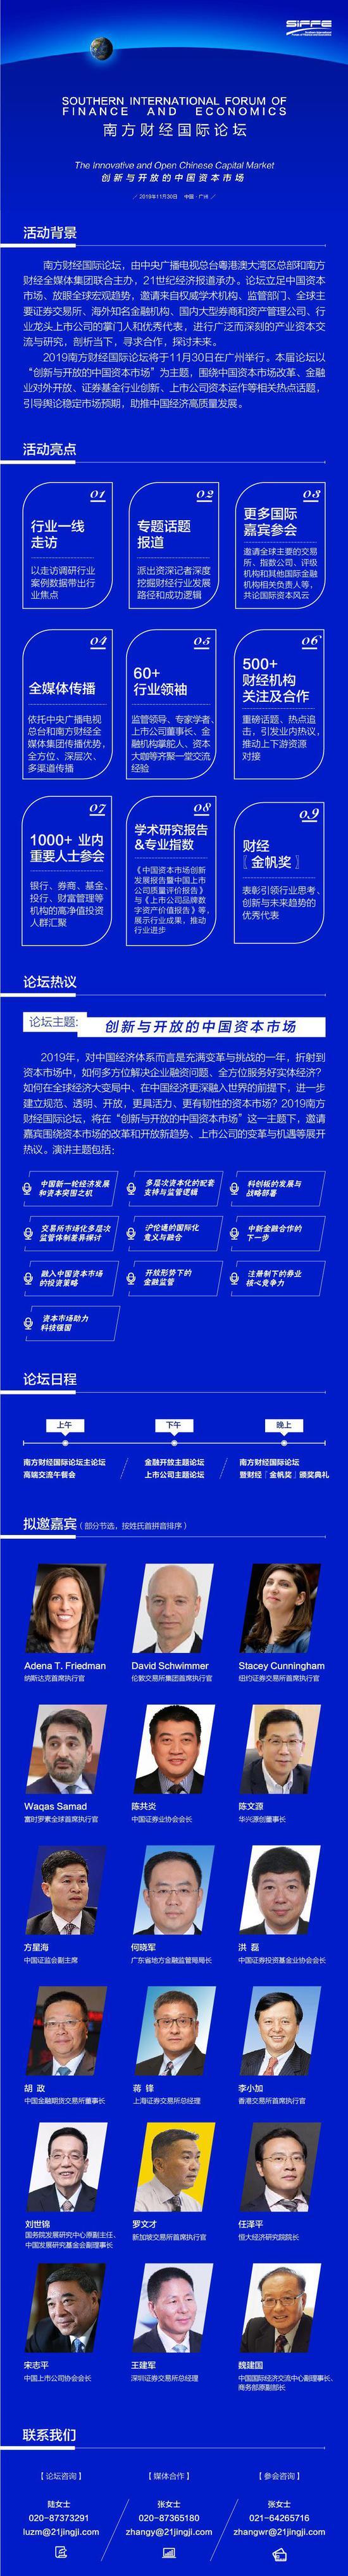 网龙扬近4% 中标福州智慧校园建设项目